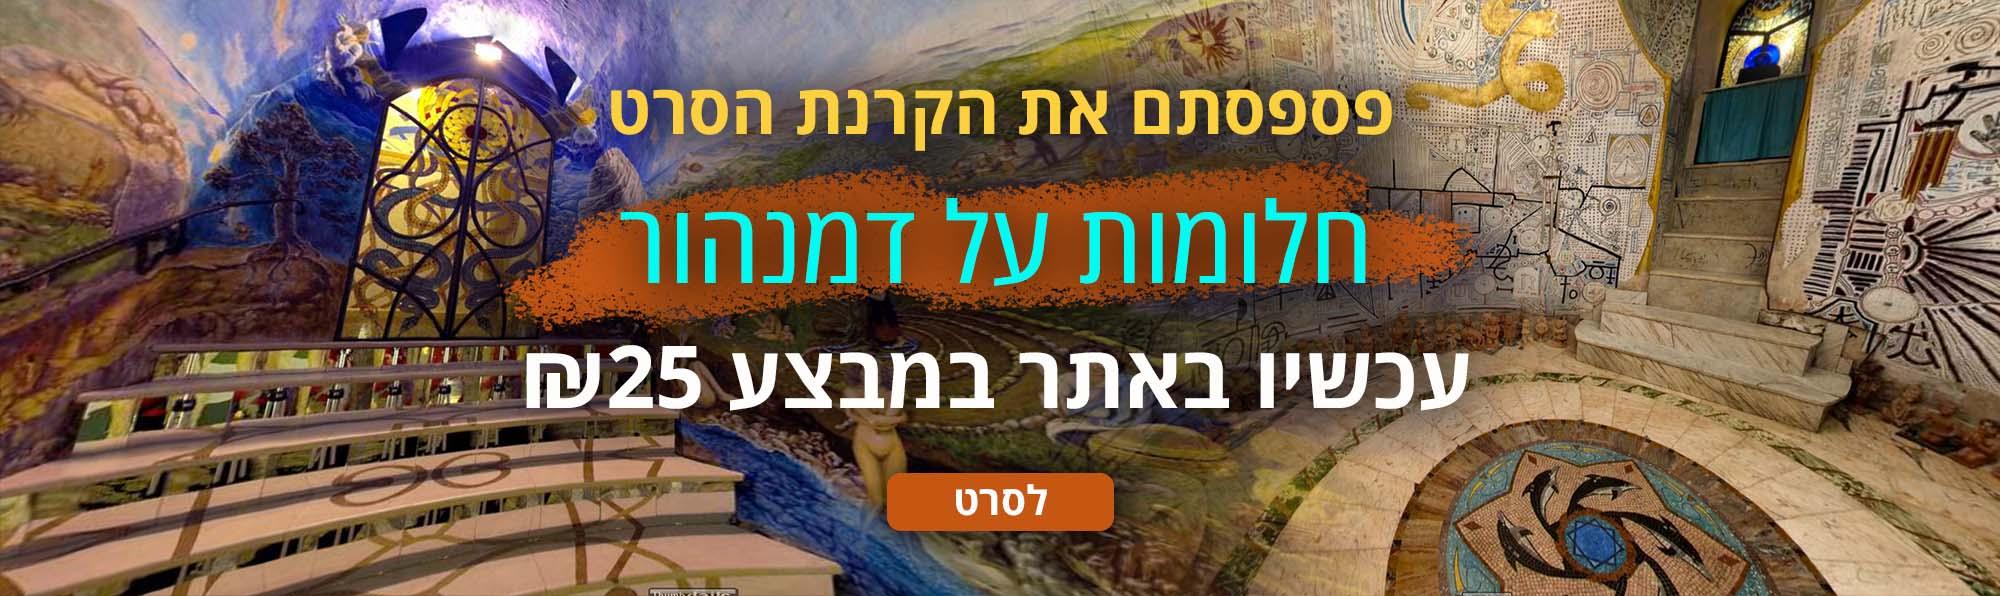 חלומות על דמנהור – צפית הסרט באתר במבצע